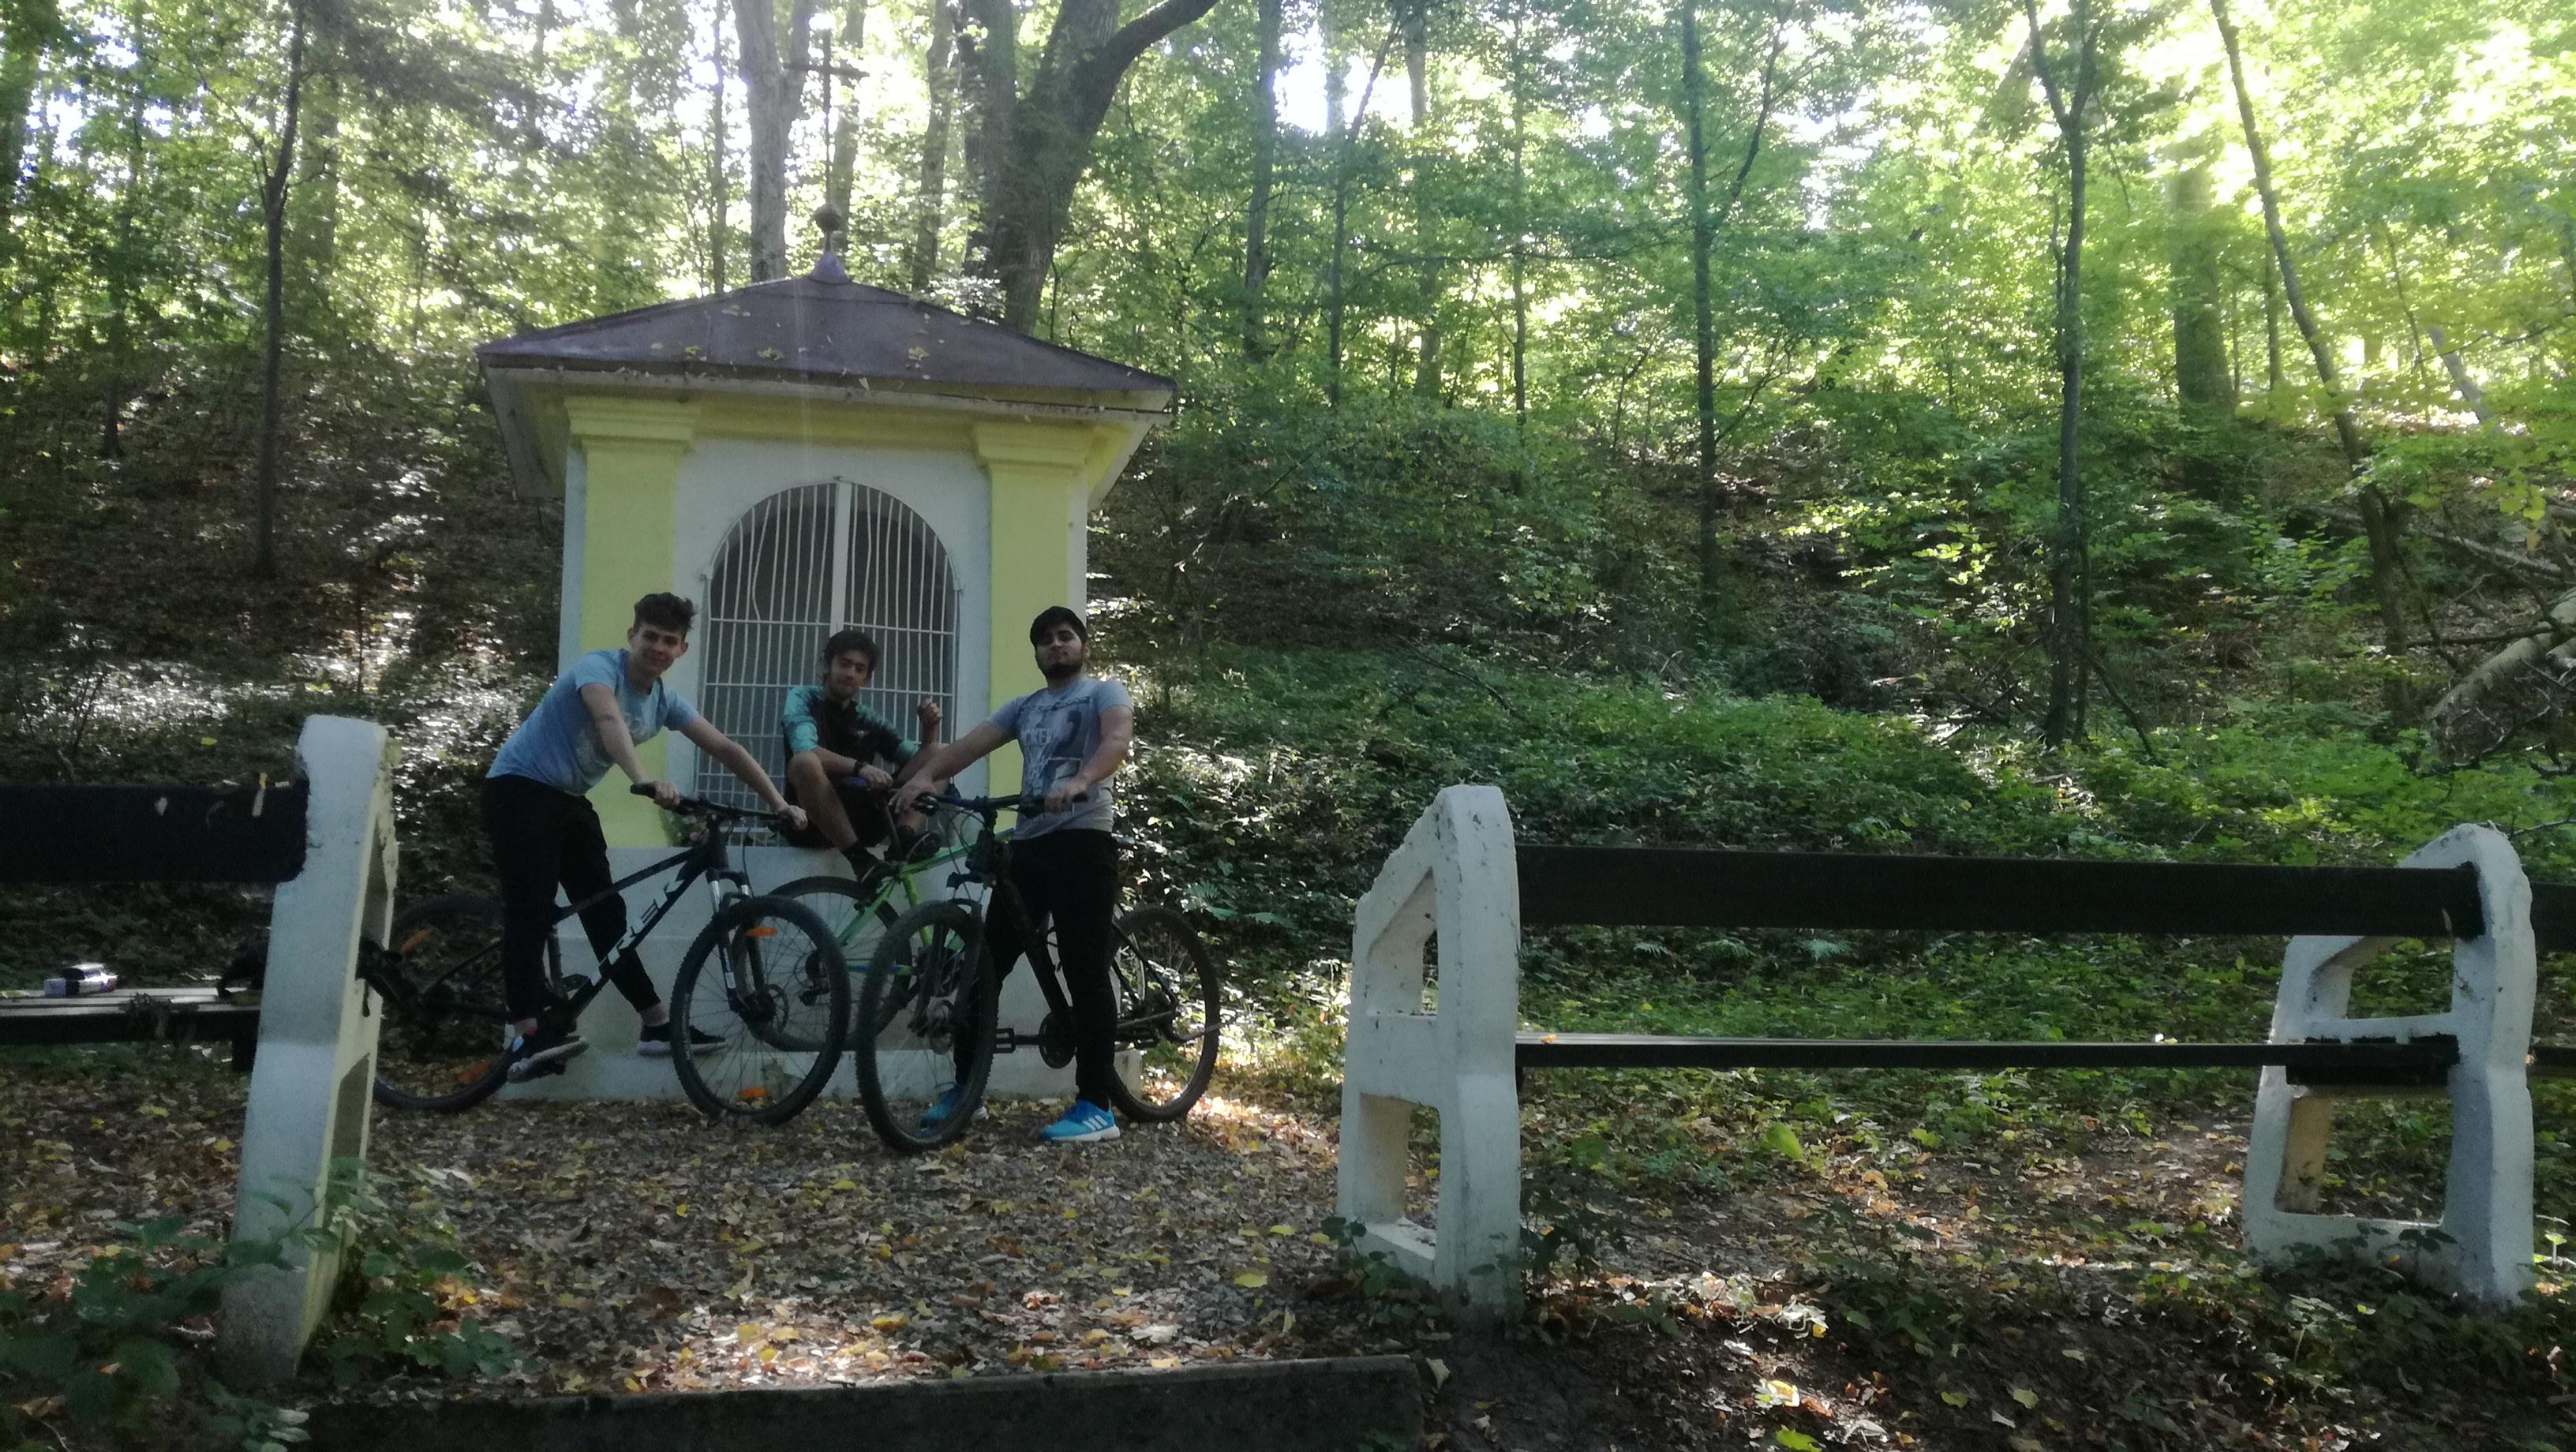 tzk_bike3.jpg